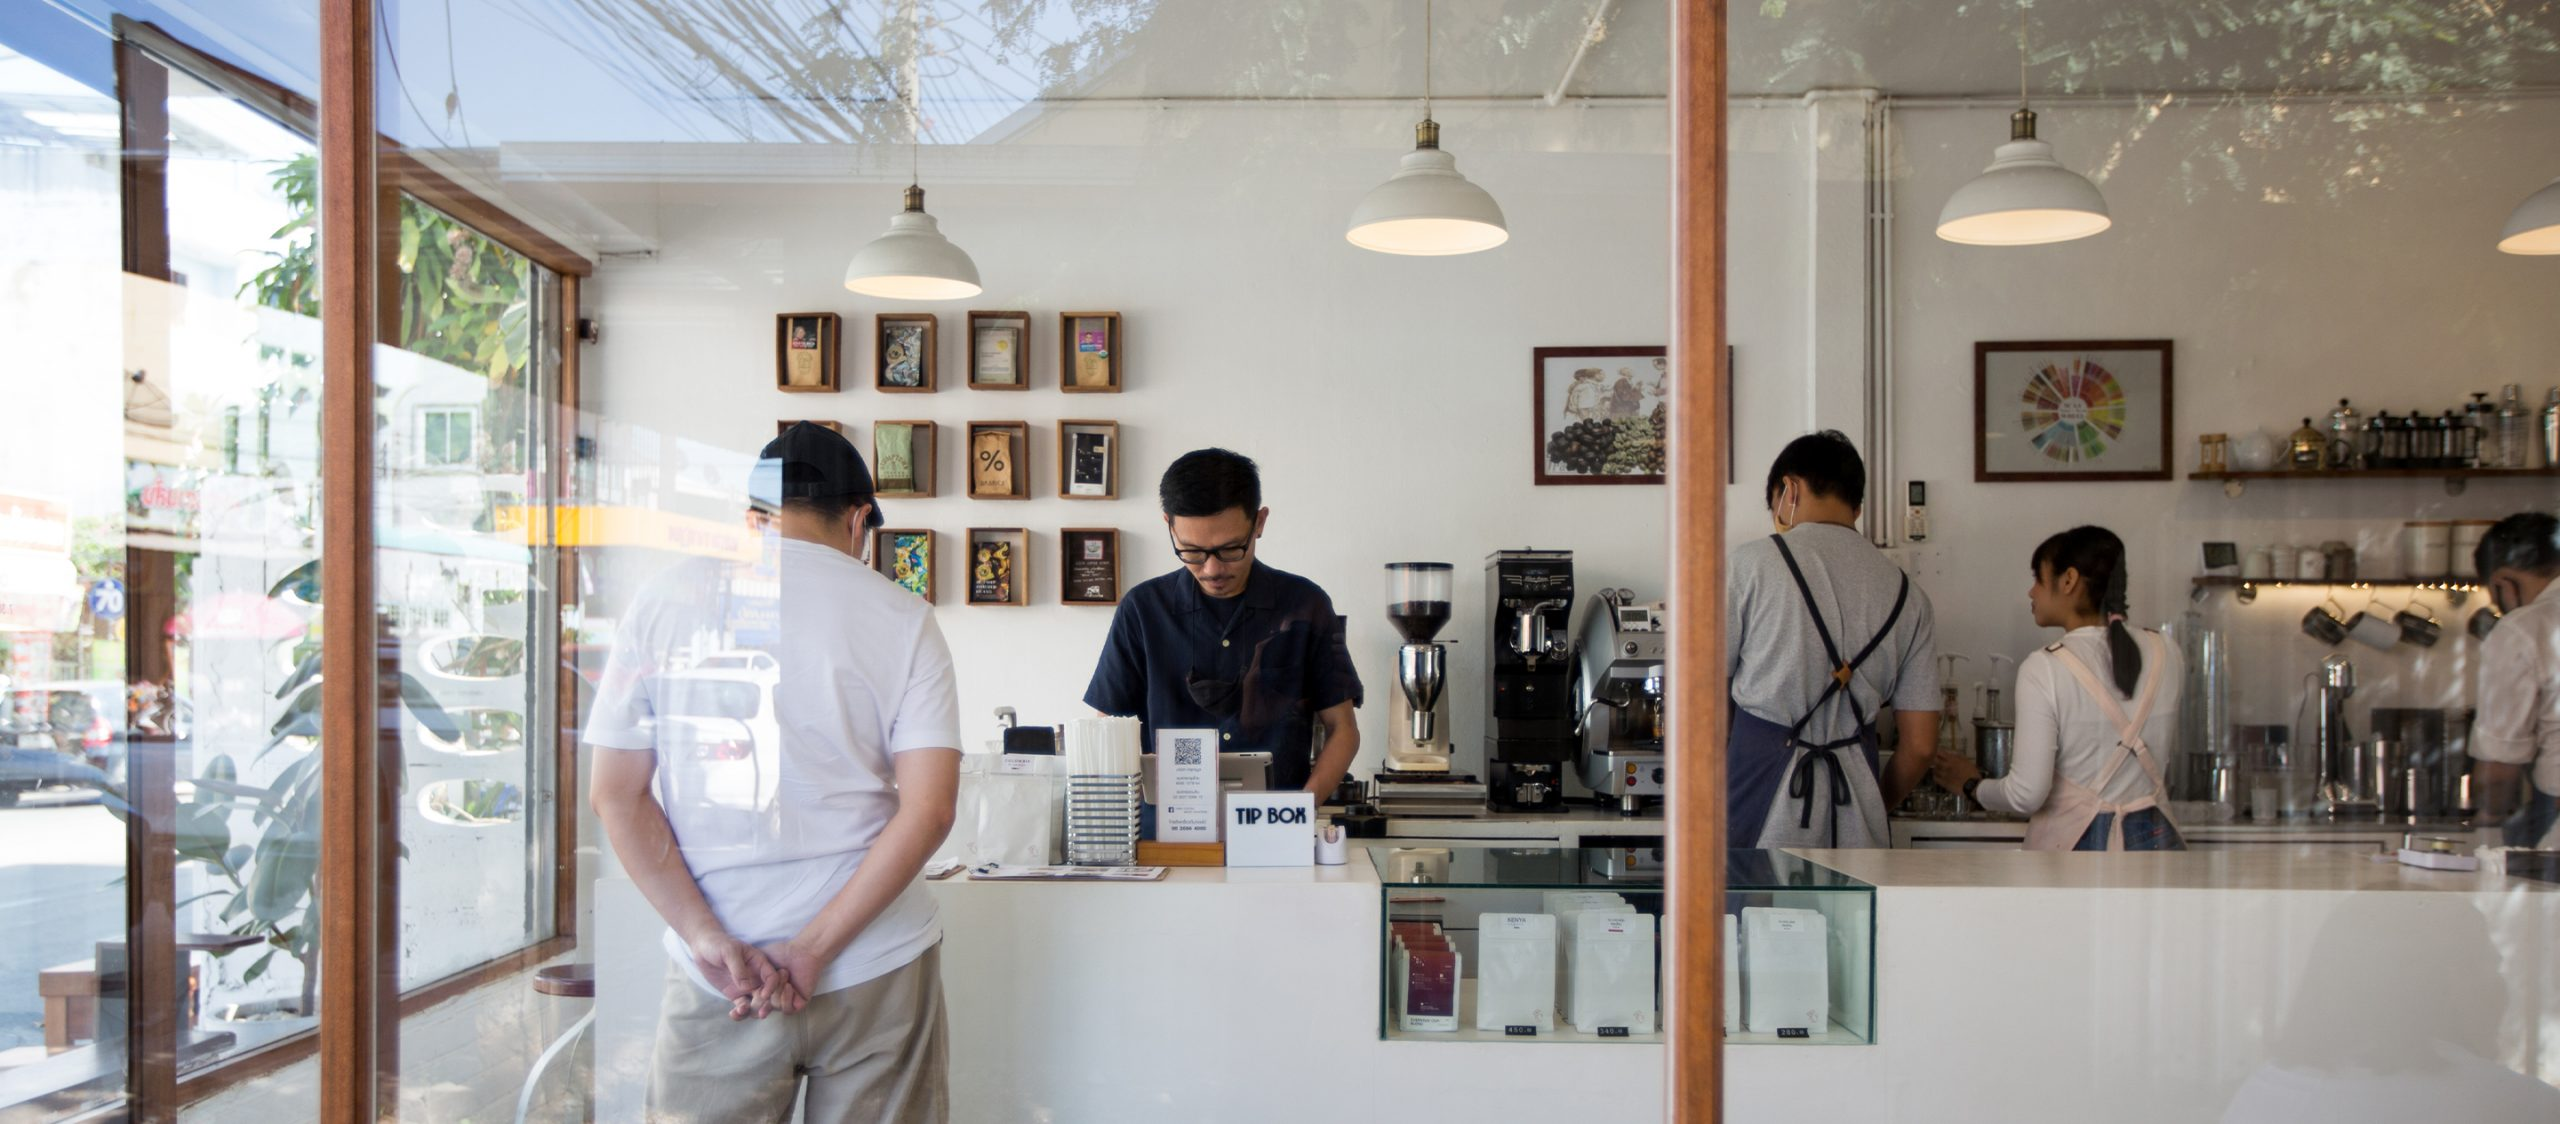 Anna Coffee Micro Roasters ร้านกาแฟที่เกิดจากความรักของผู้บ่าวเชียงใหม่และผู้สาวอุบลฯ